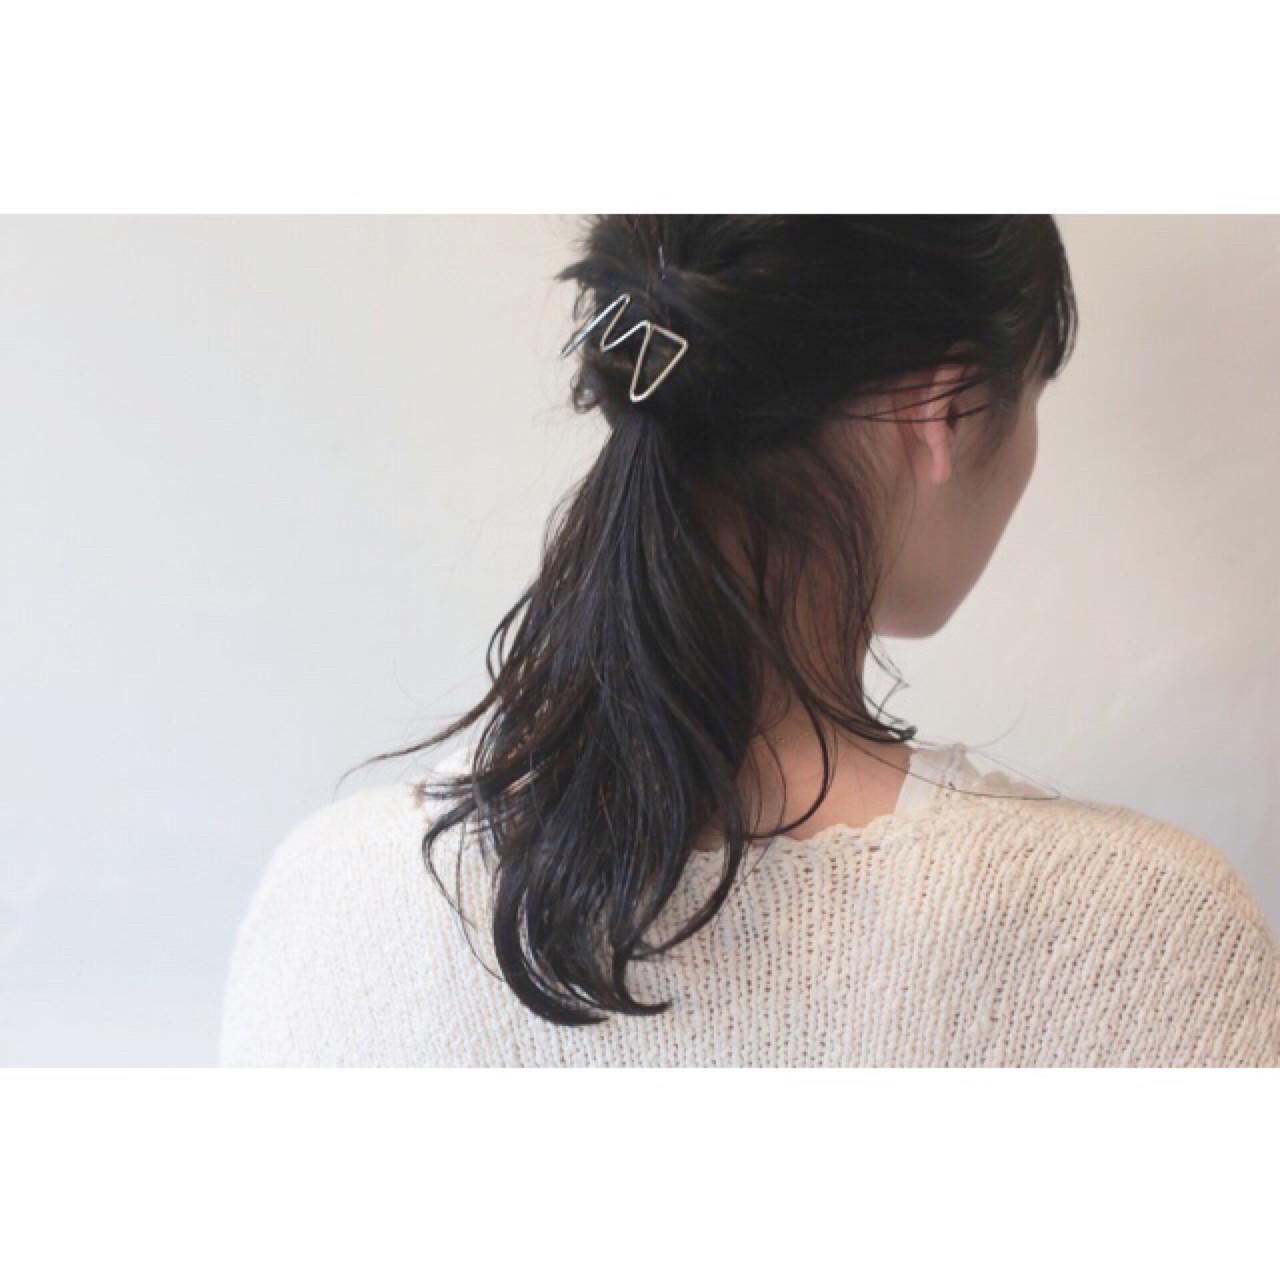 ウェーブ 黒髪 ヘアアレンジ セミロング ヘアスタイルや髪型の写真・画像